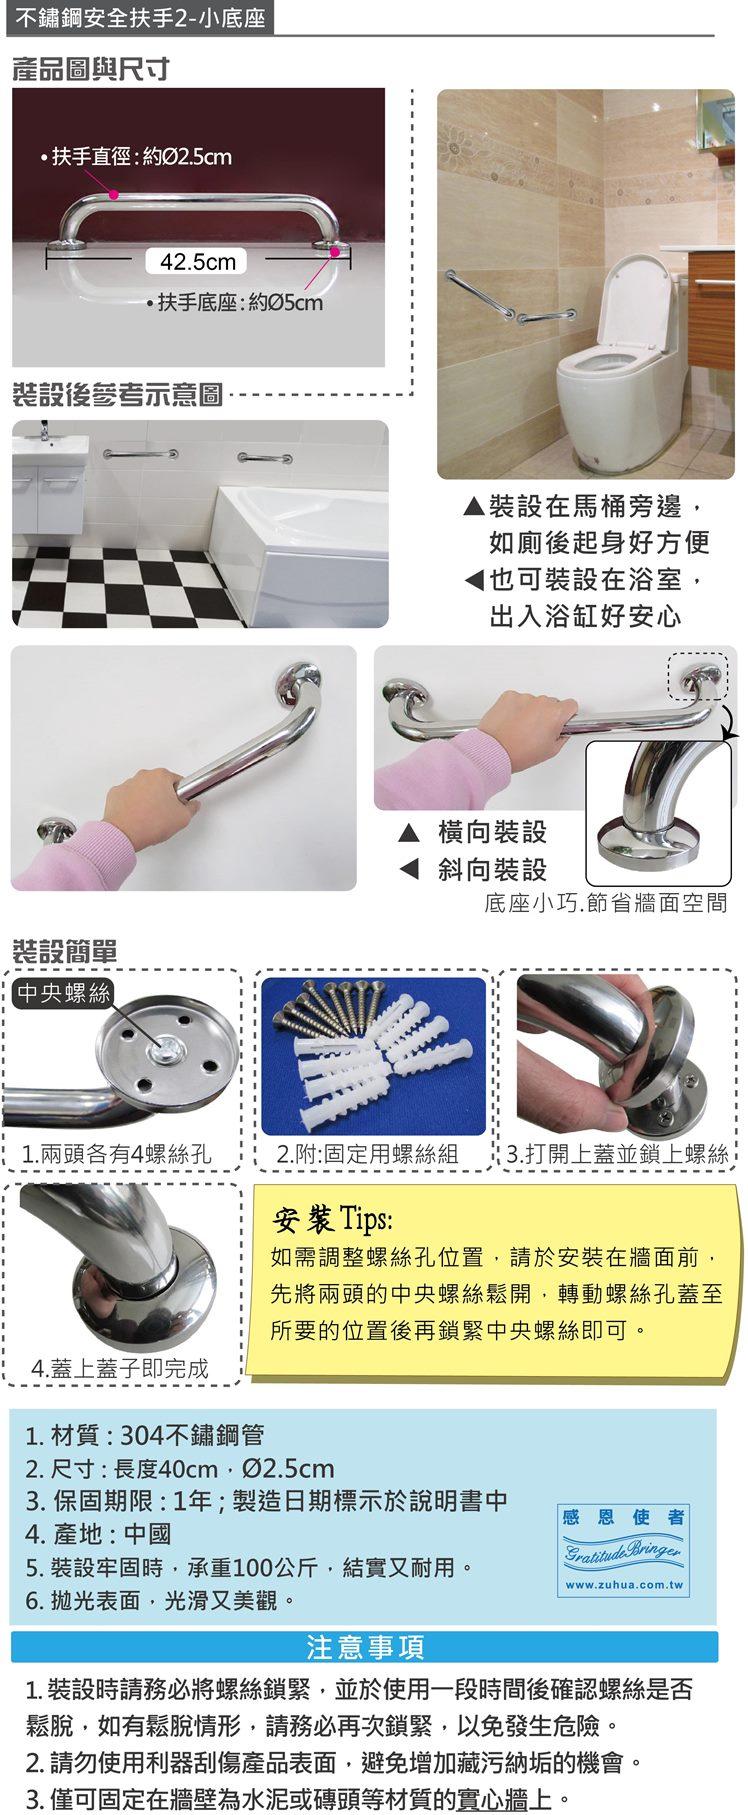 安全扶手:老人用品 行動不便者用品。馬桶側、浴缸旁、樓梯牆面皆可使用。拋光表面美觀大方!多尺寸扶手,可依不同長度需求而裝設!